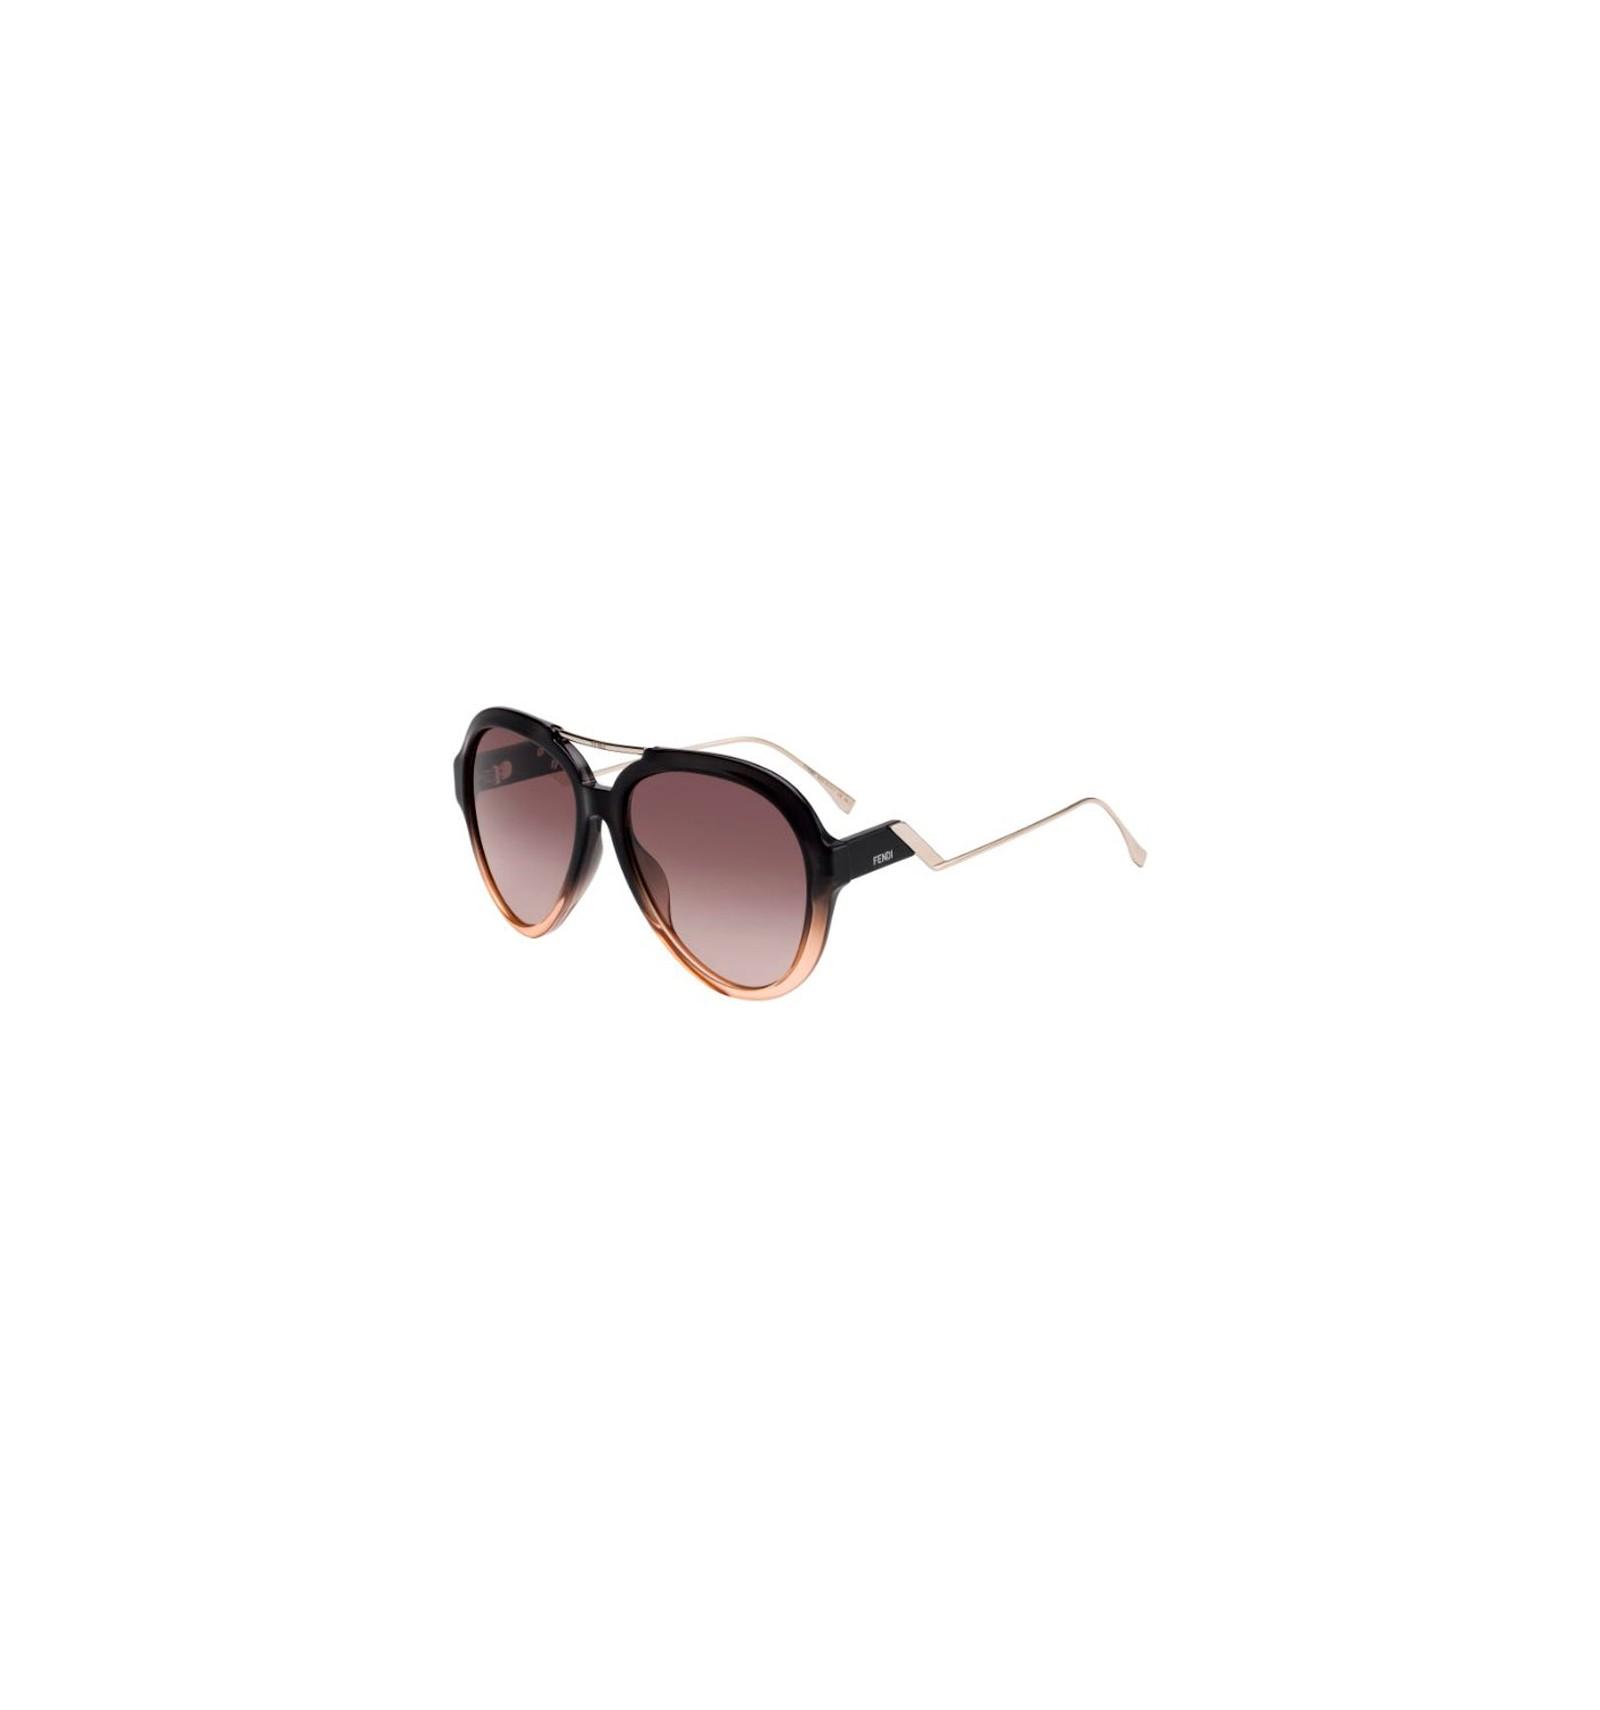 416805331a Gafas de sol Fendi FF M00322G S Grey Pink - Brown Gradient (7HH-HA